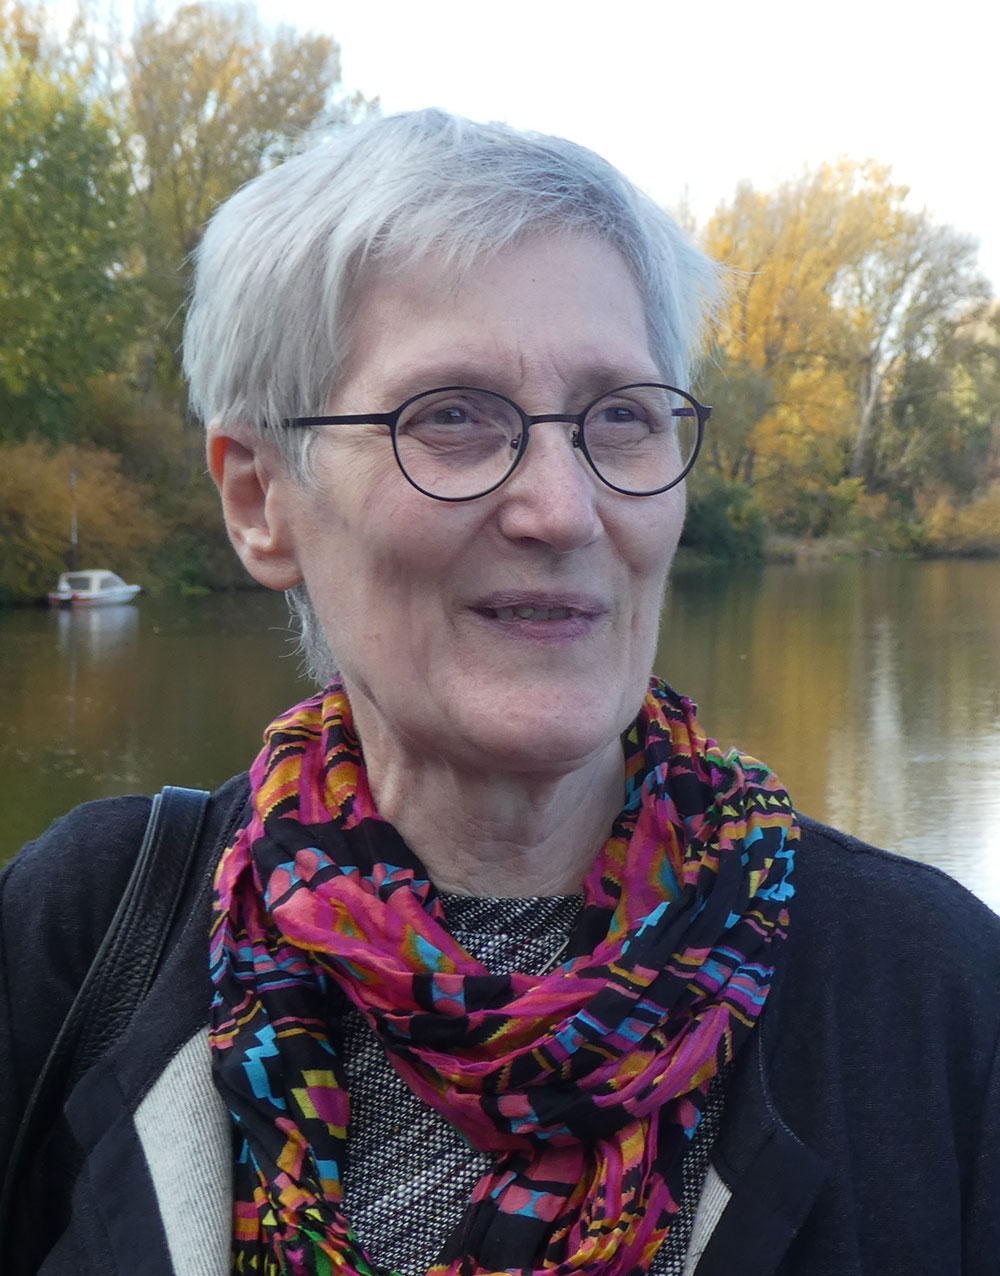 Gabriele Seidel-Brinkmann